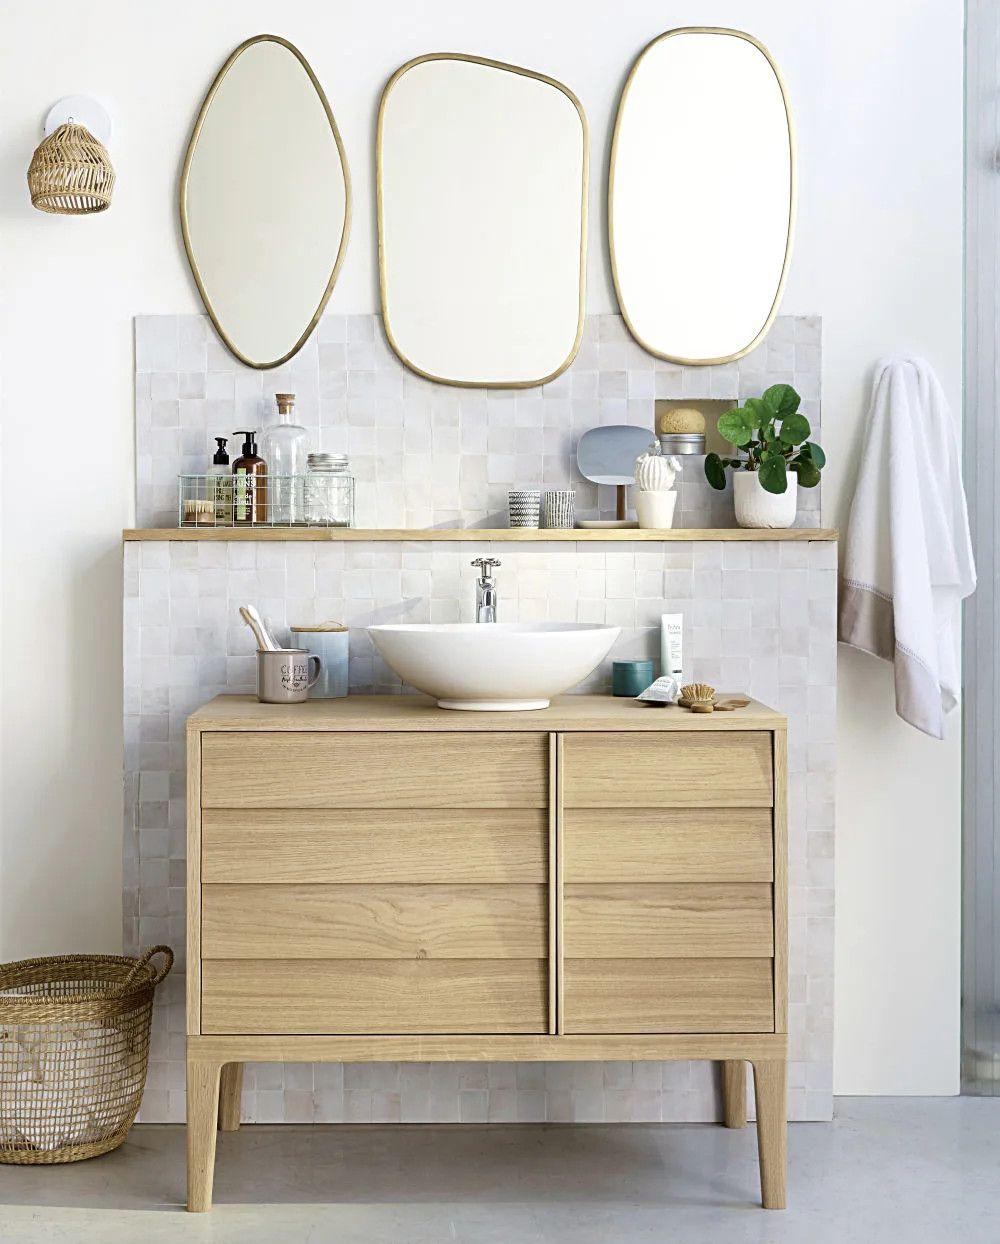 49++ Deco salle de bain maison du monde ideas